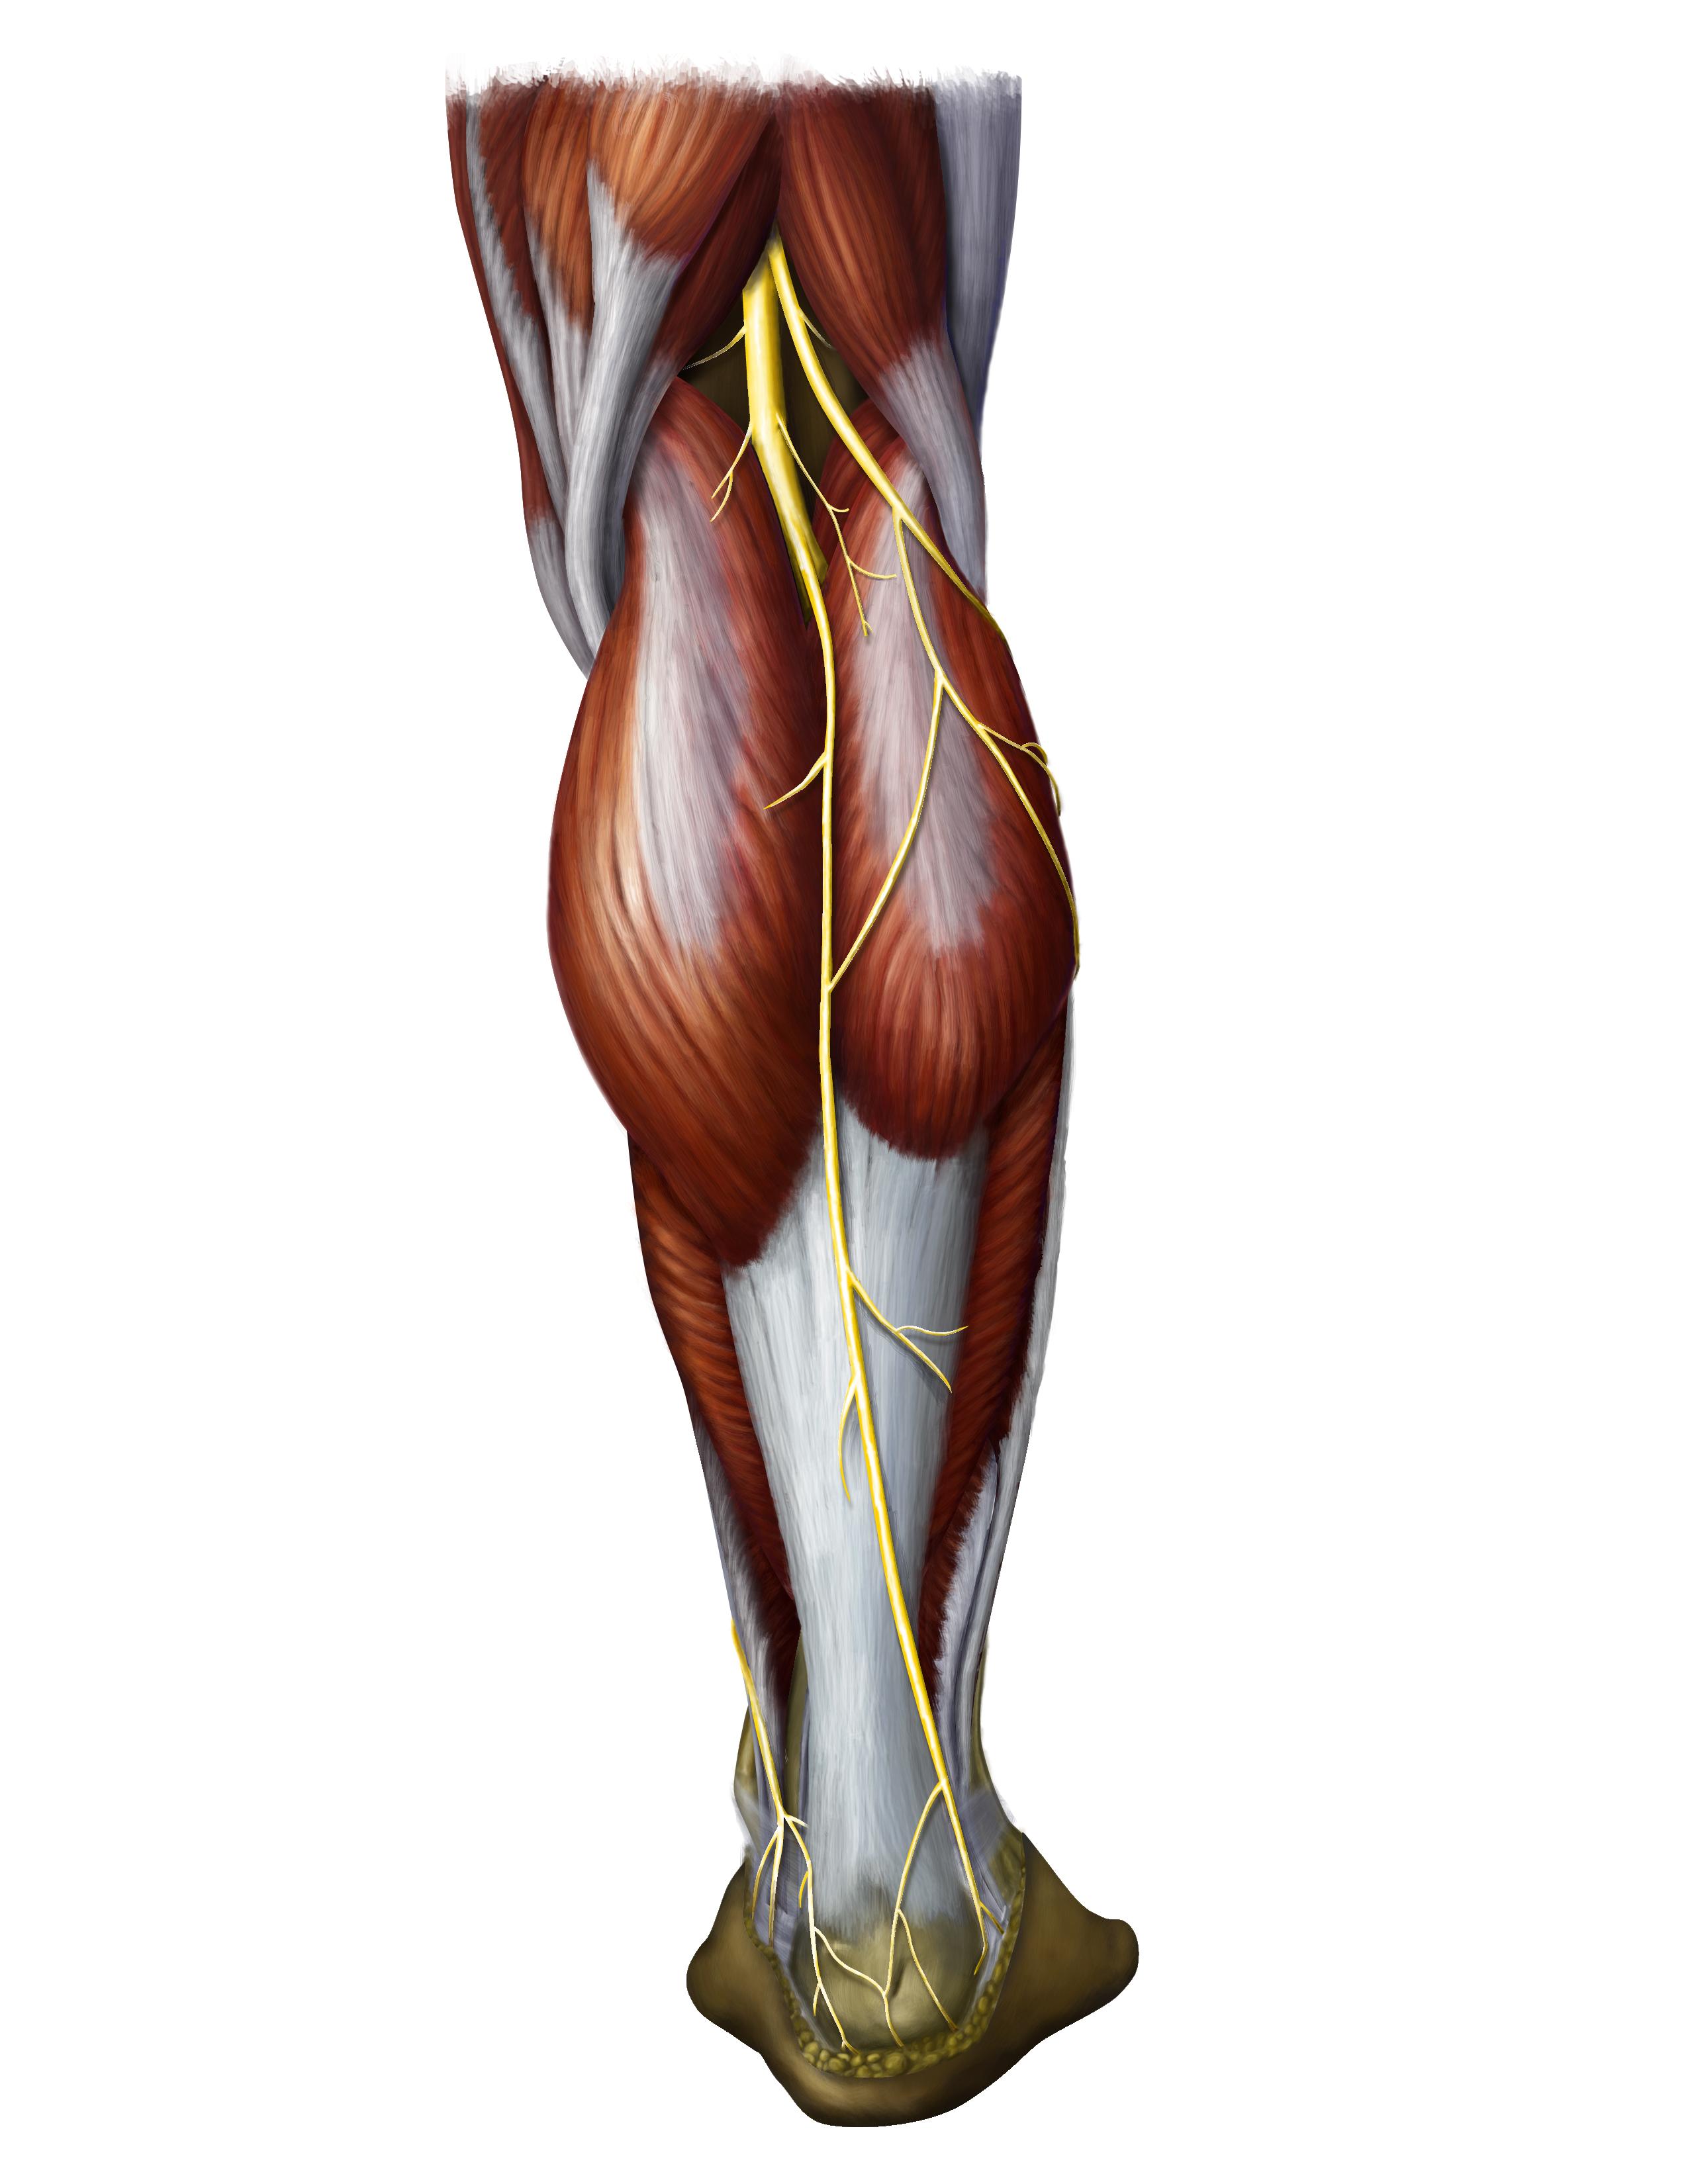 Muscles Nerves Of Lower Leg By Priapism4art On Deviantart